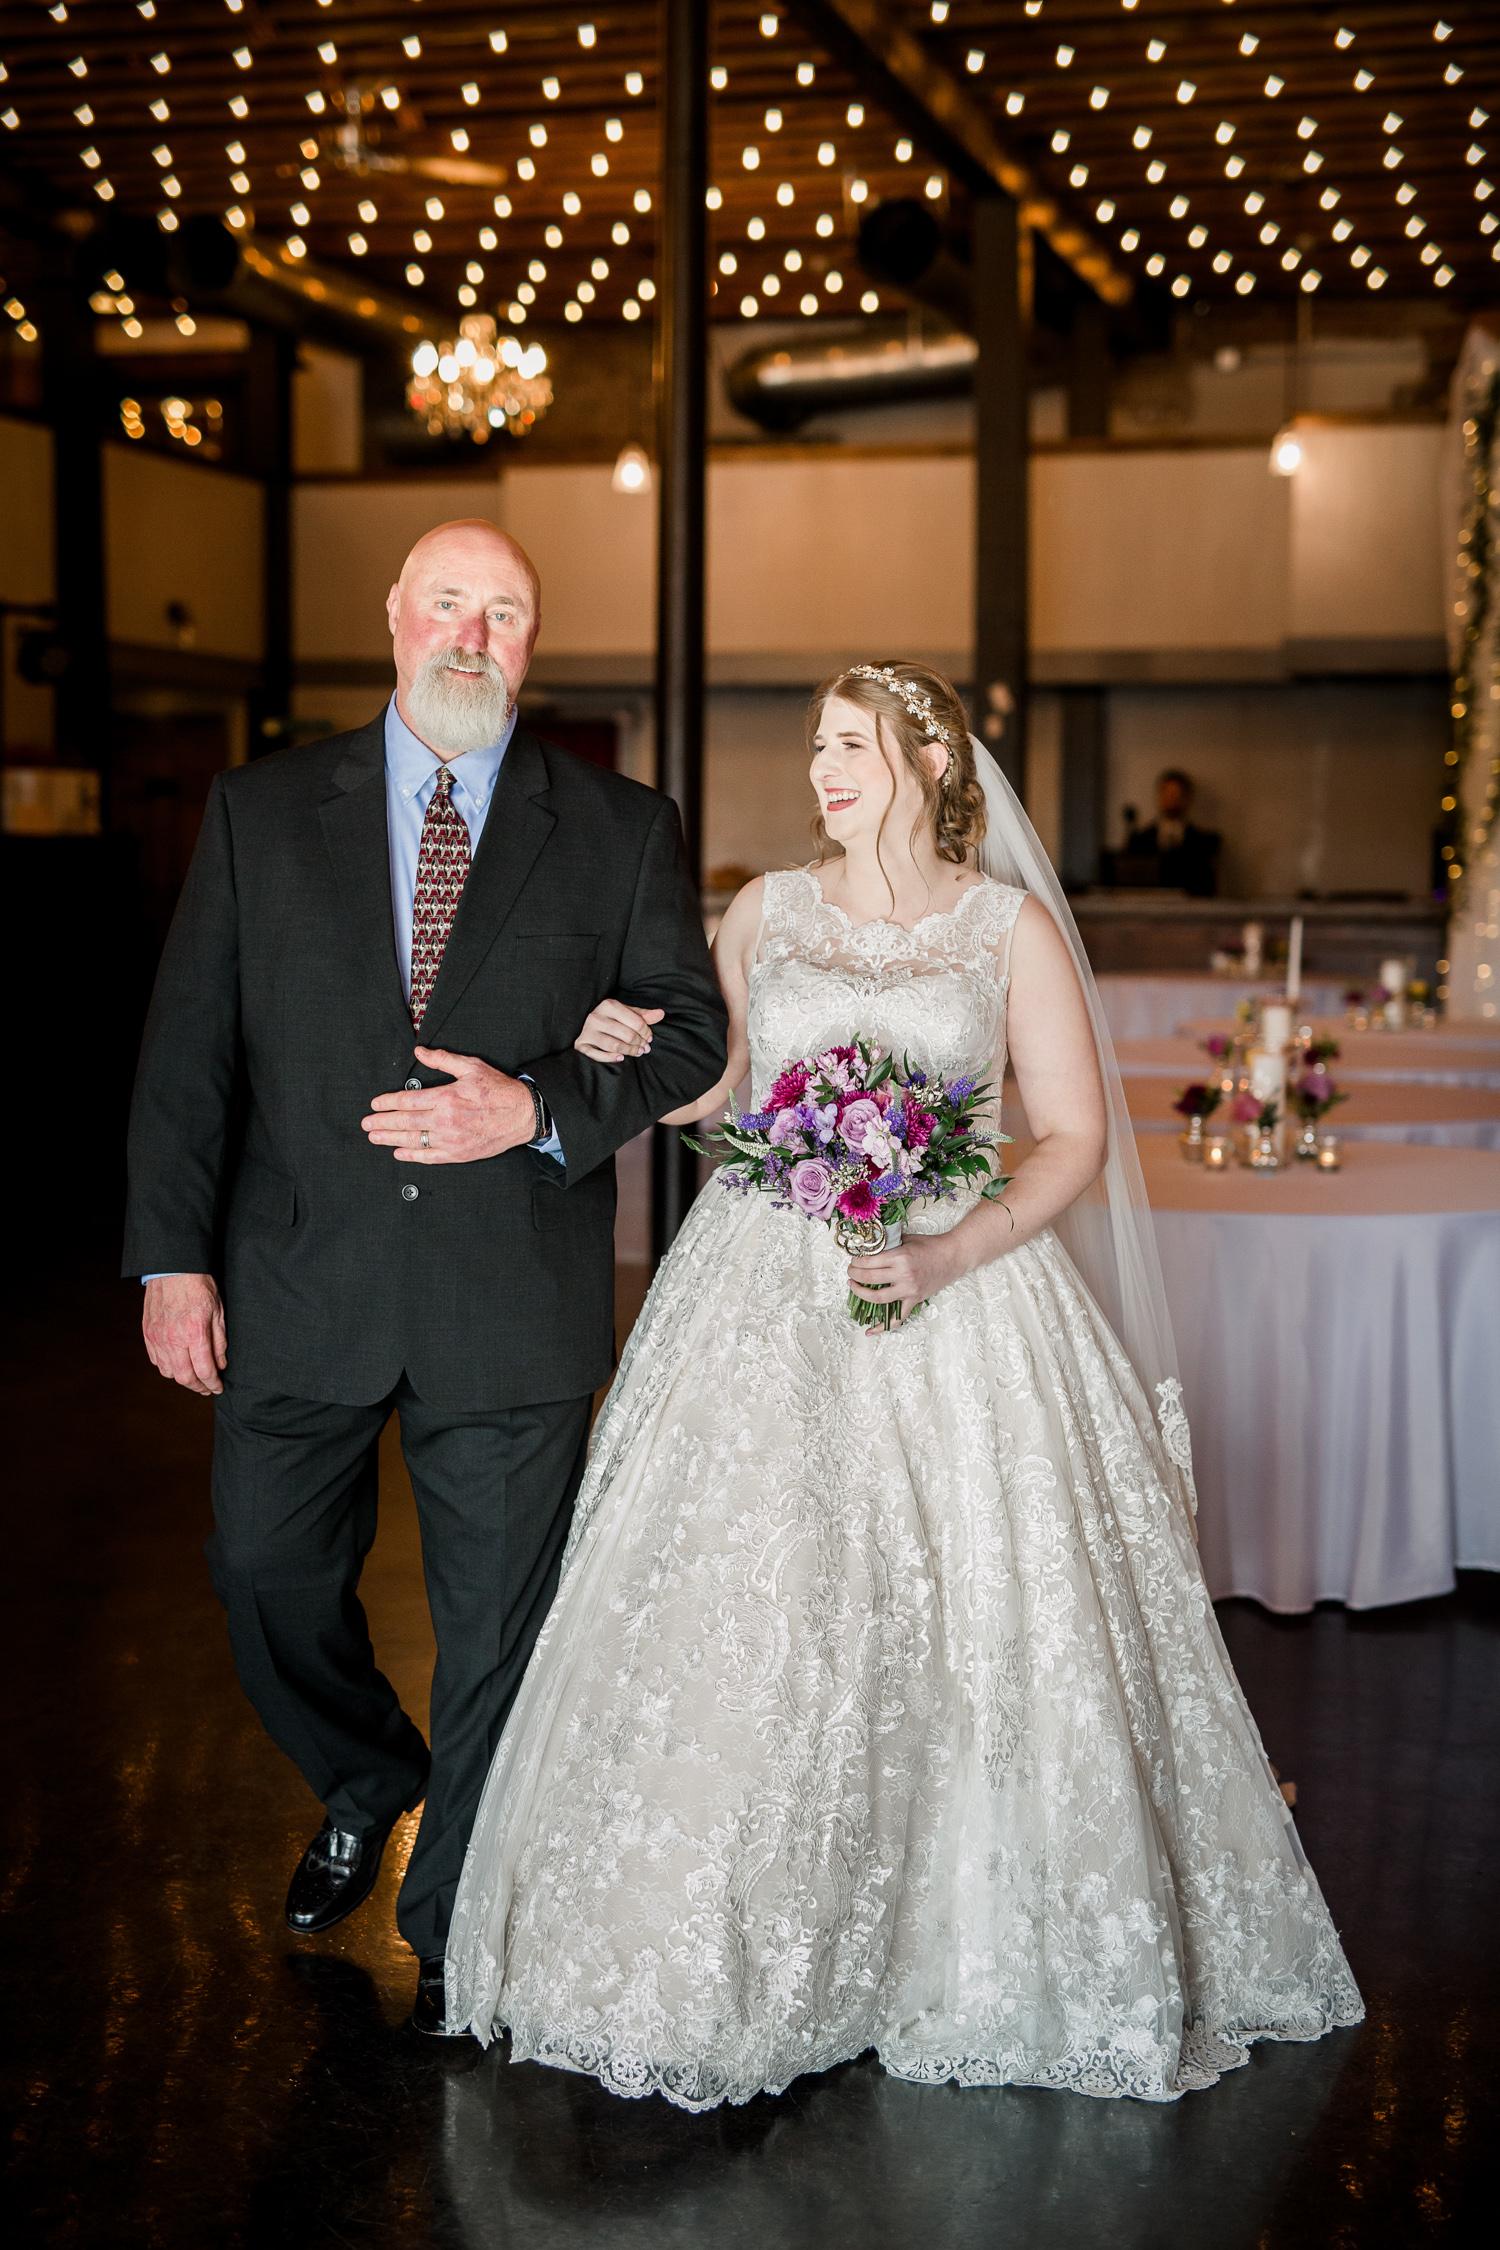 Downtown Knoxville Wedding Venue // Central Avenue Reception // Bridesmaids // Relix Knoxville Floral Design Bouquet